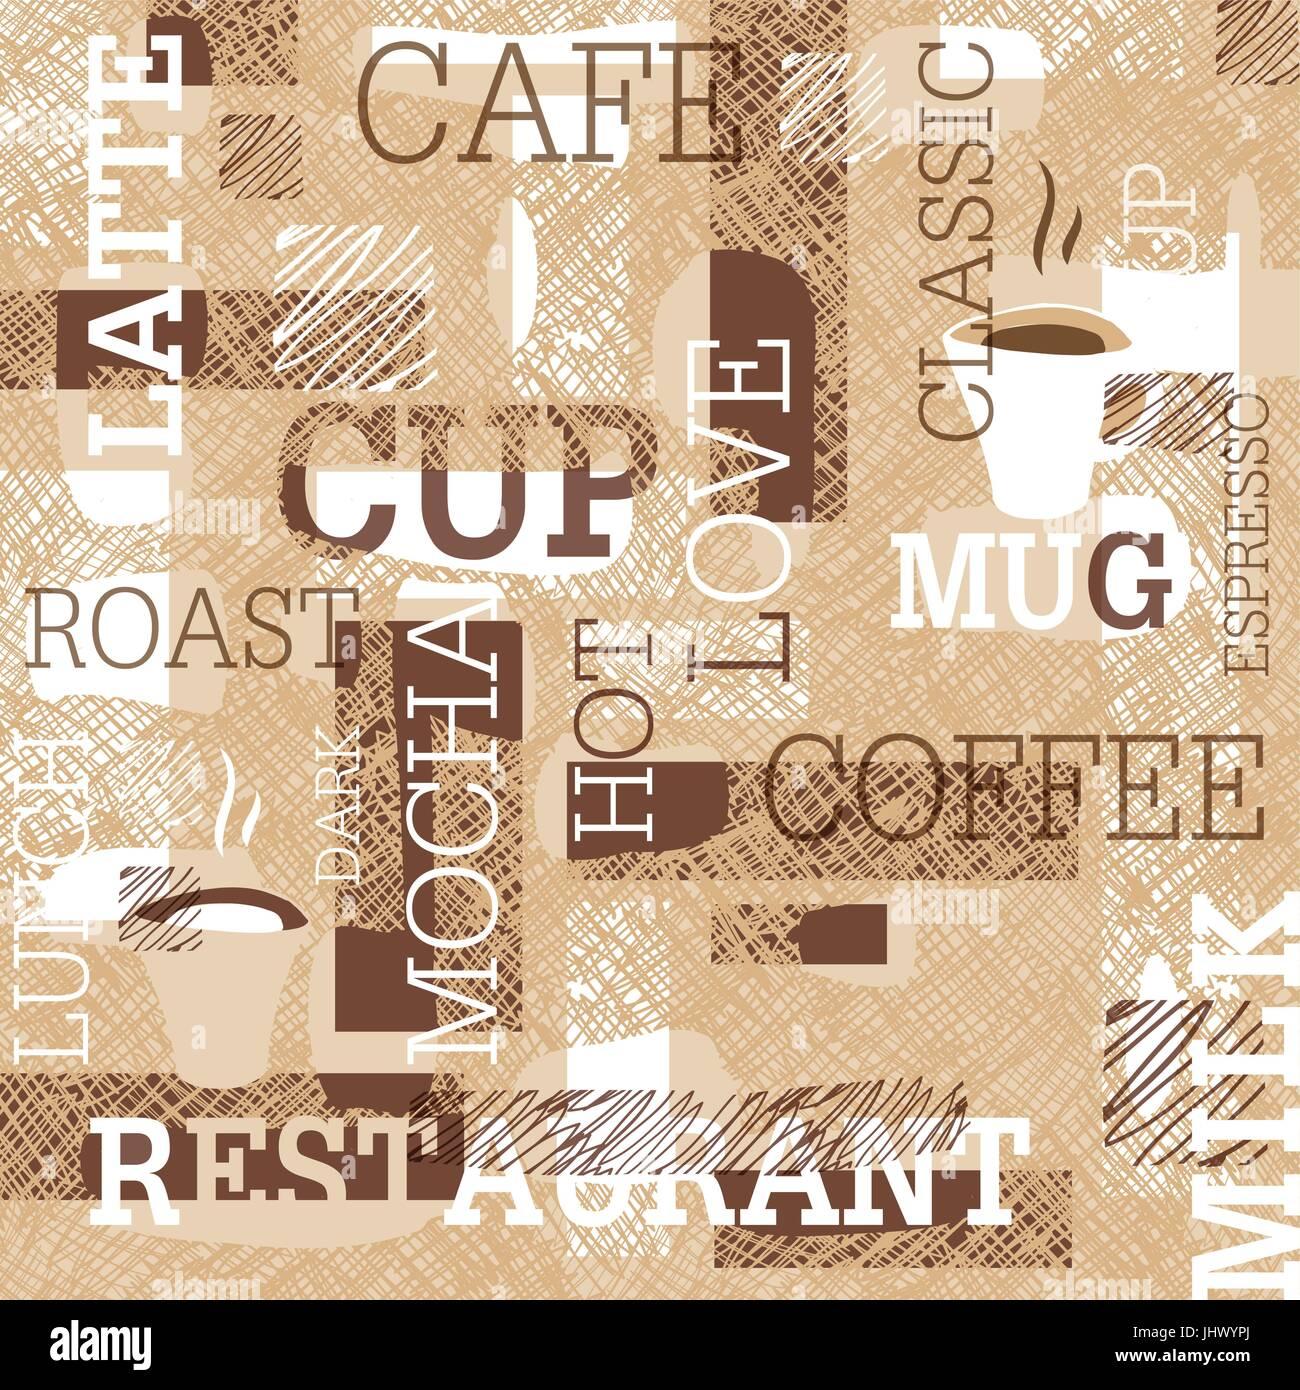 Il caffè a tema pattern senza giunture. Parole, tazze di caffè e scarabocchi creativi. Il beige e marrone Immagini Stock